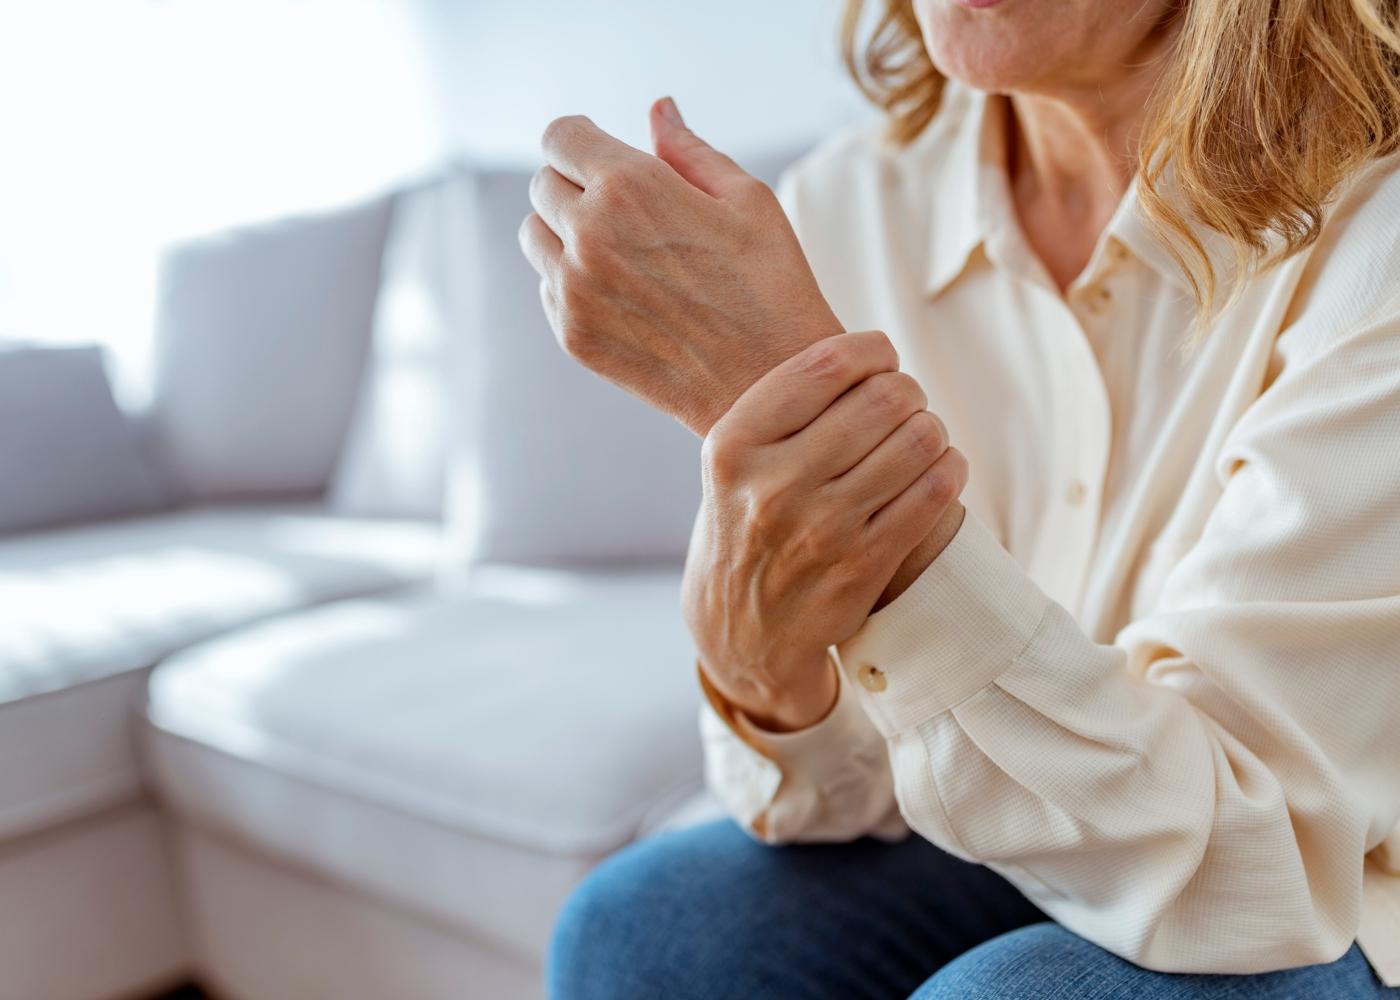 Mulher com dores na articulação do pulso